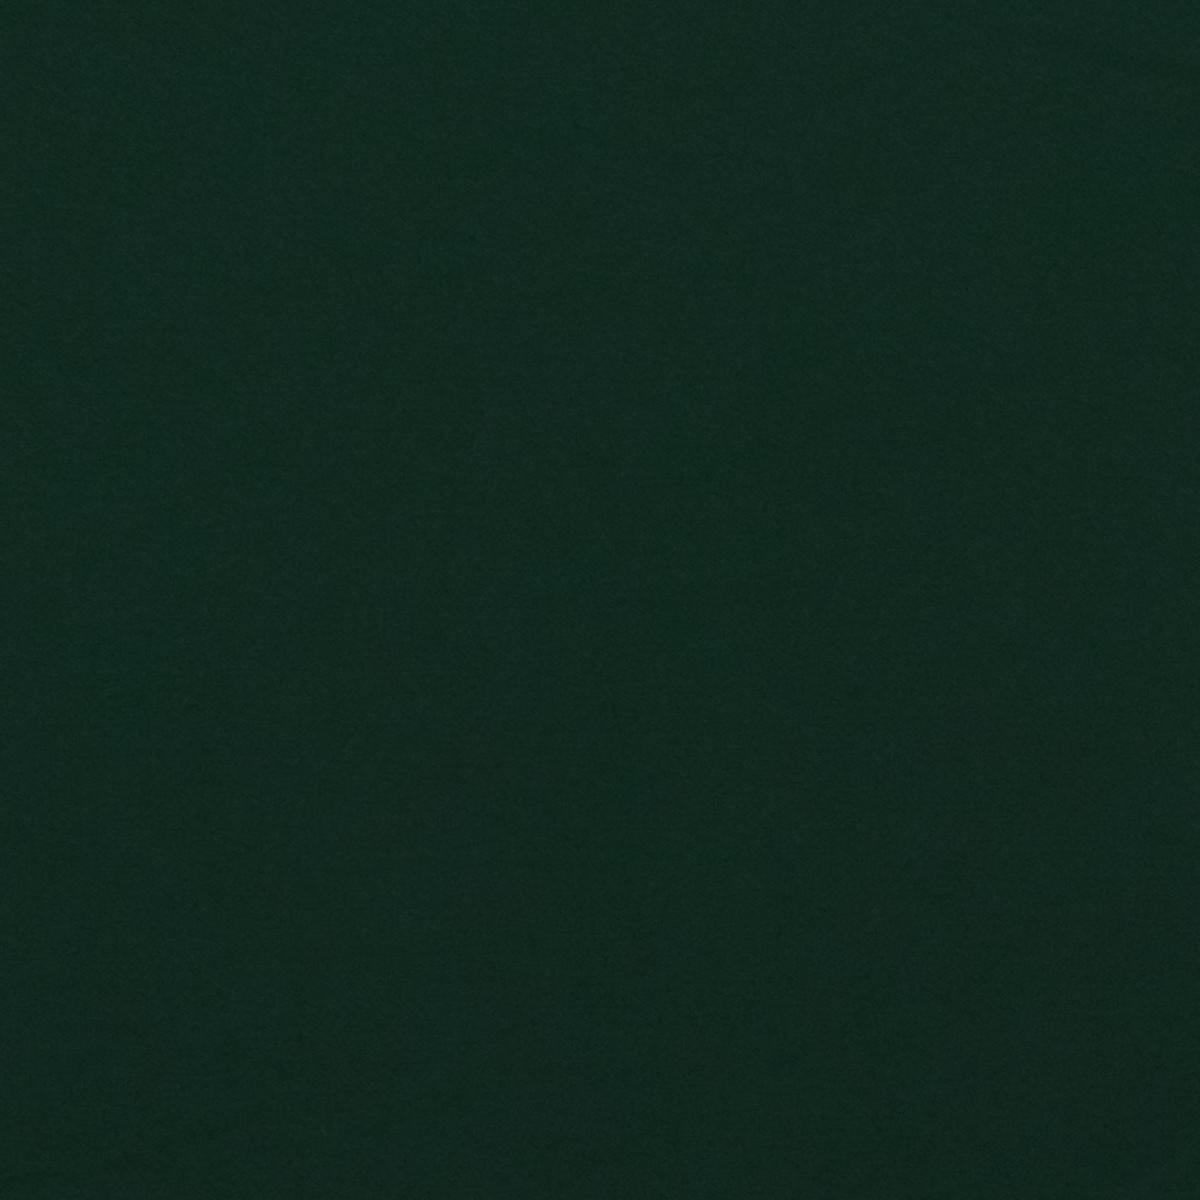 Креп полиэстеровый с эластаном тёмно-зелёного цвета